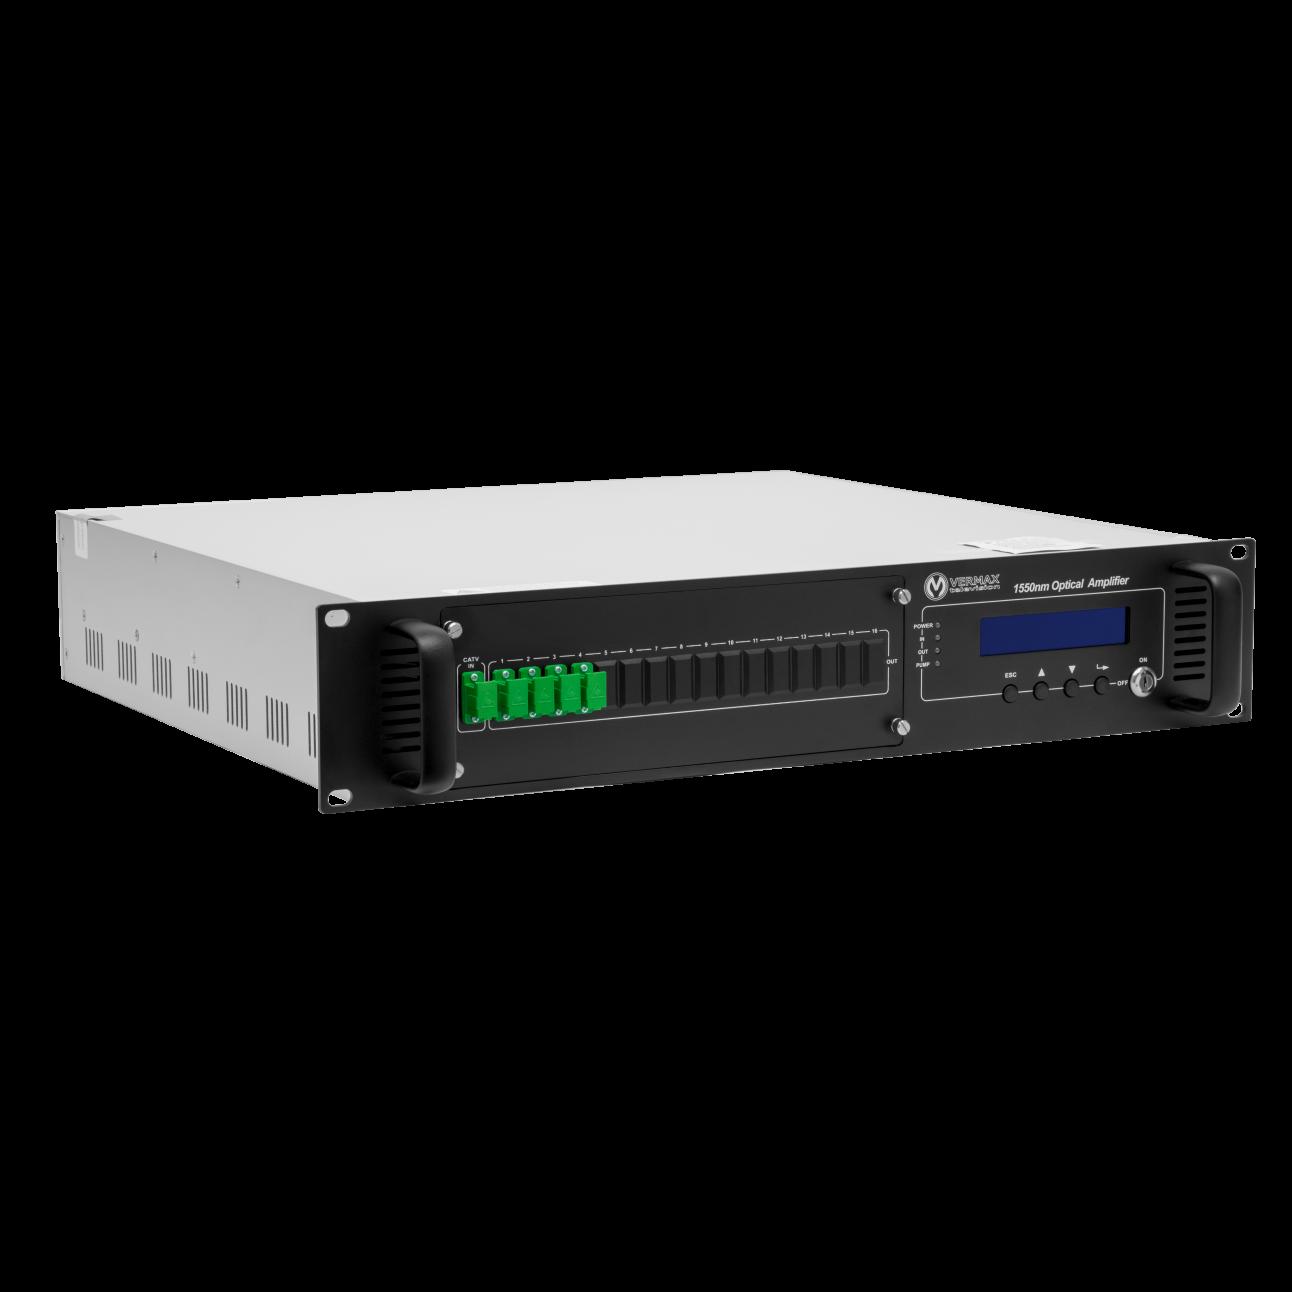 Оптический усилитель VERMAX для сетей КТВ, 4*23dBm БУ